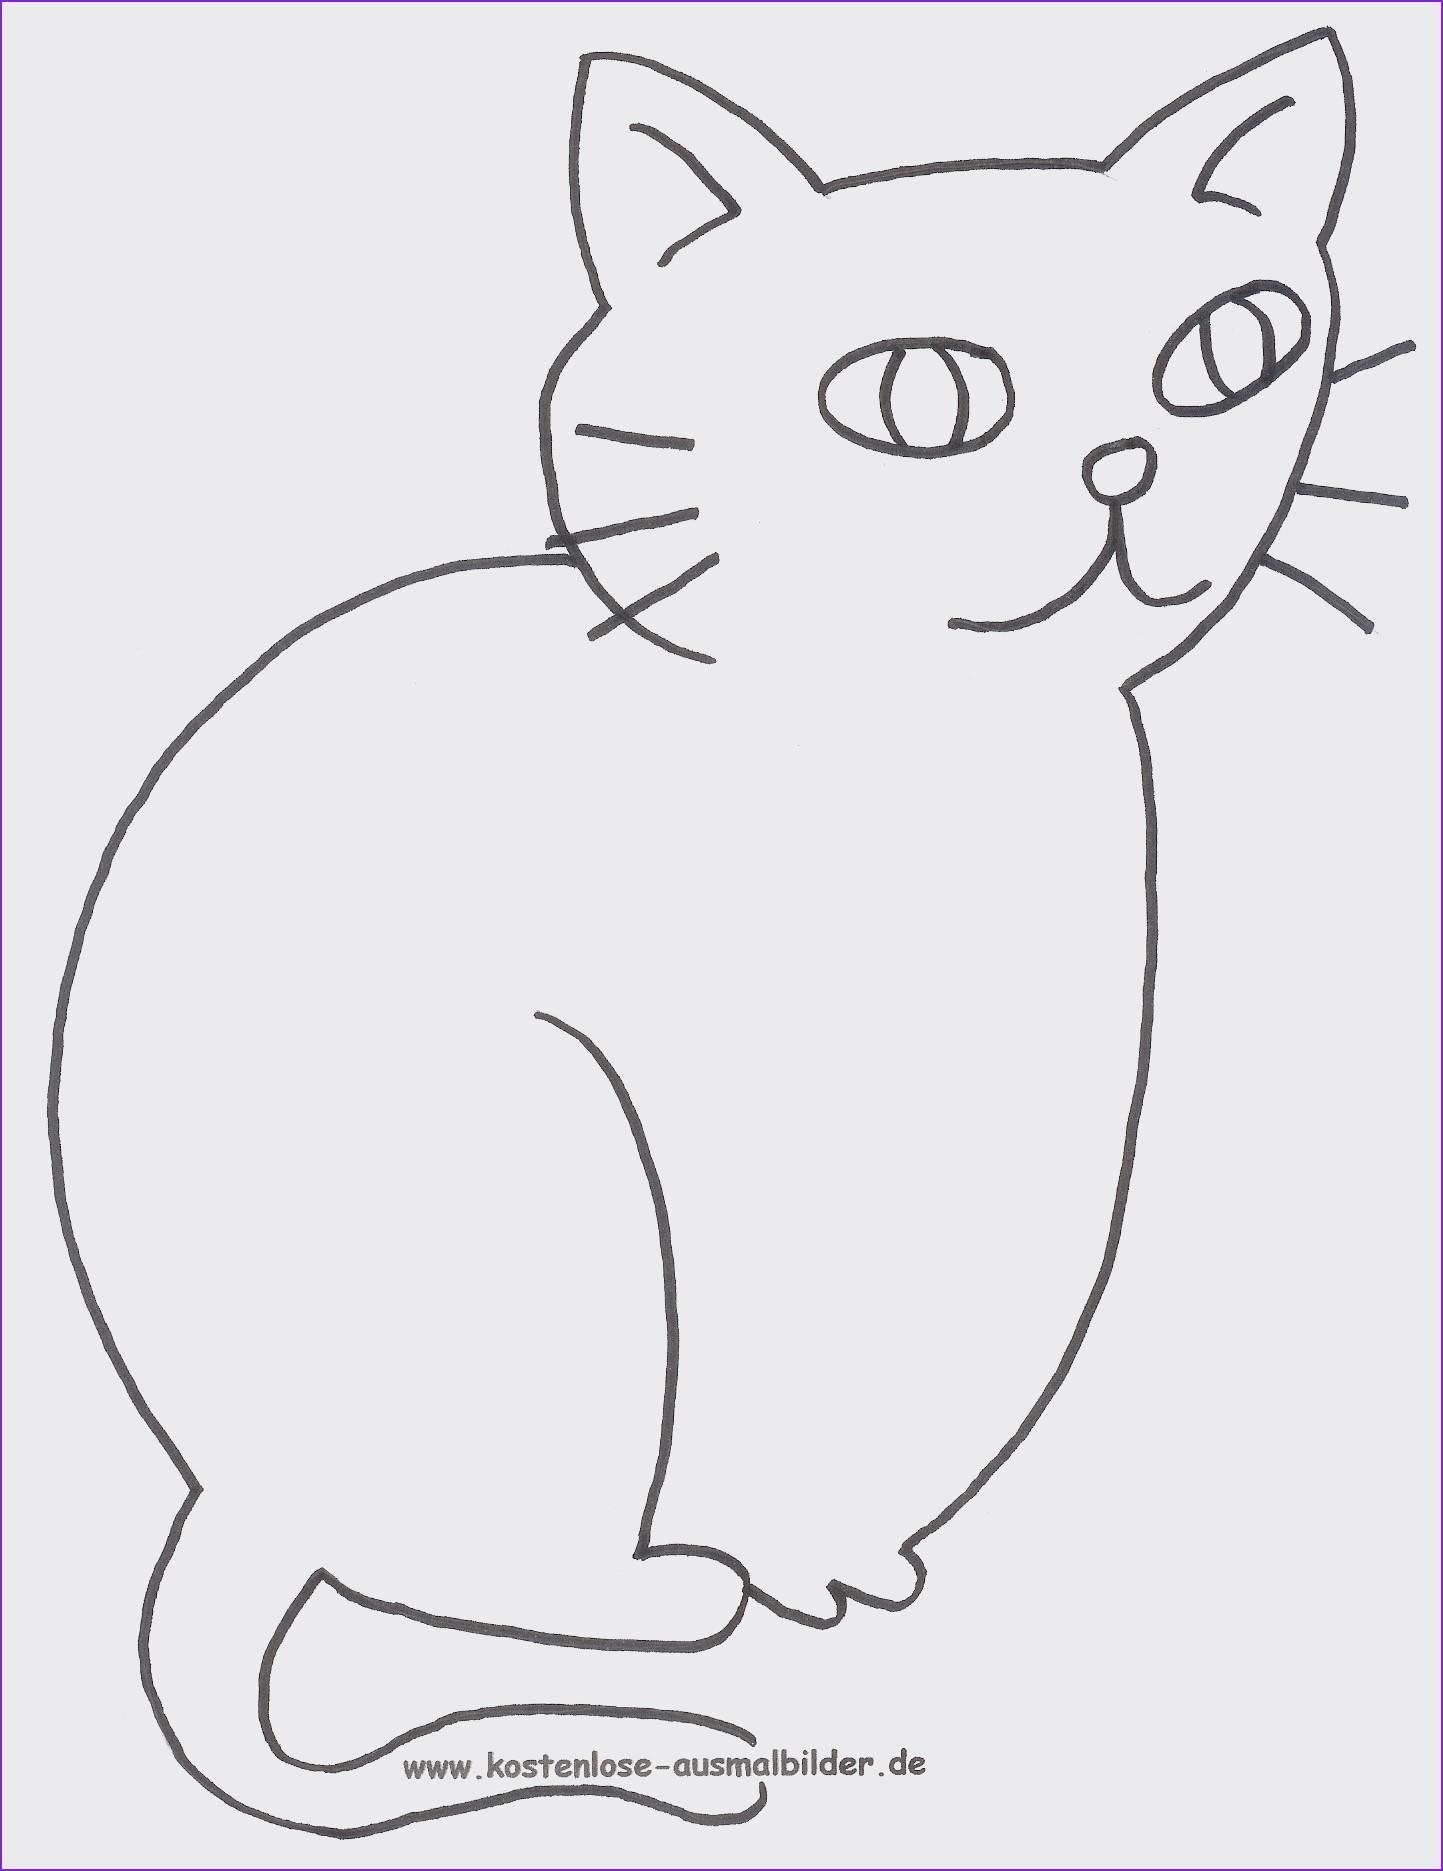 Ausmalbilder Katze Und Hund Inspirierend Beispielbilder Färben Ausmalbilder Tiere Hund Das Bild